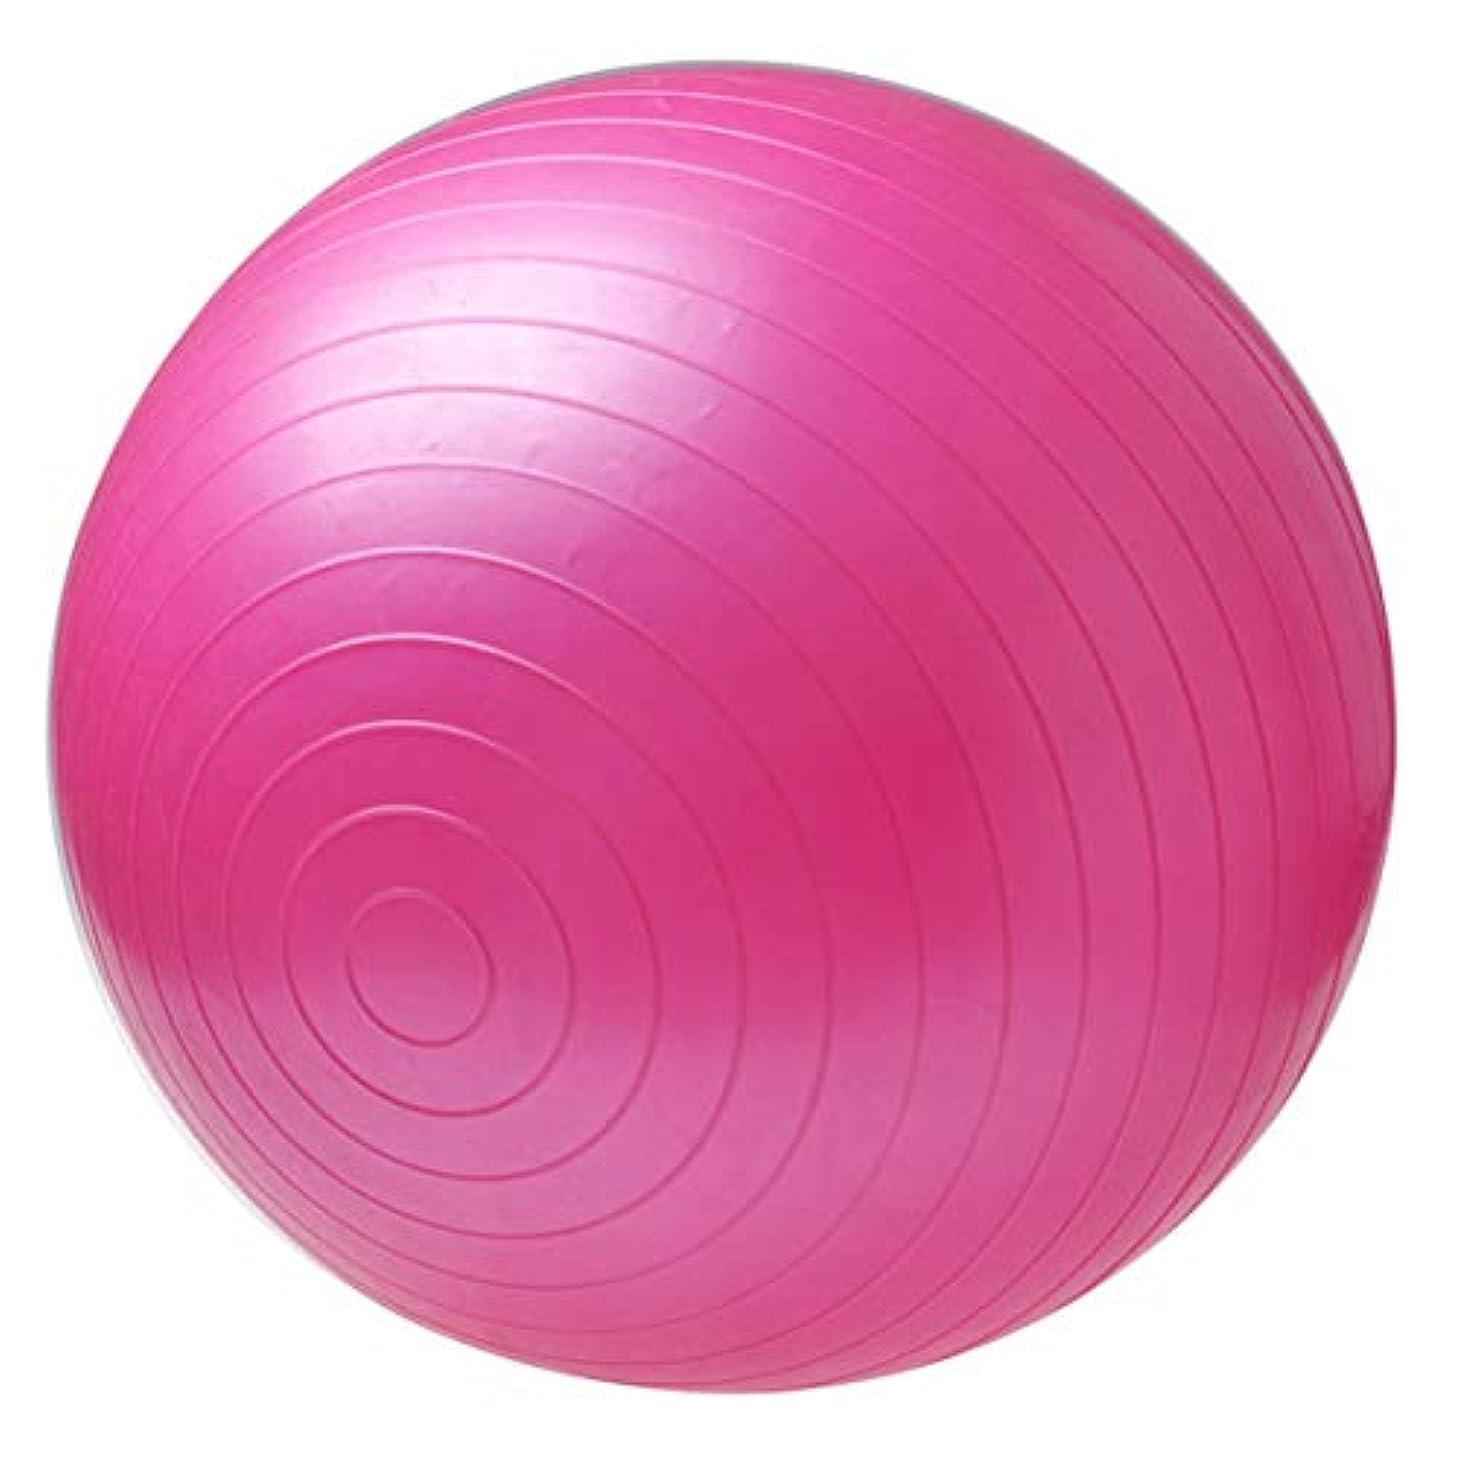 非毒性スポーツヨガボールボラピラティスフィットネスジムバランスフィットボールエクササイズピラティスワークアウトマッサージボール - ピンク75センチ